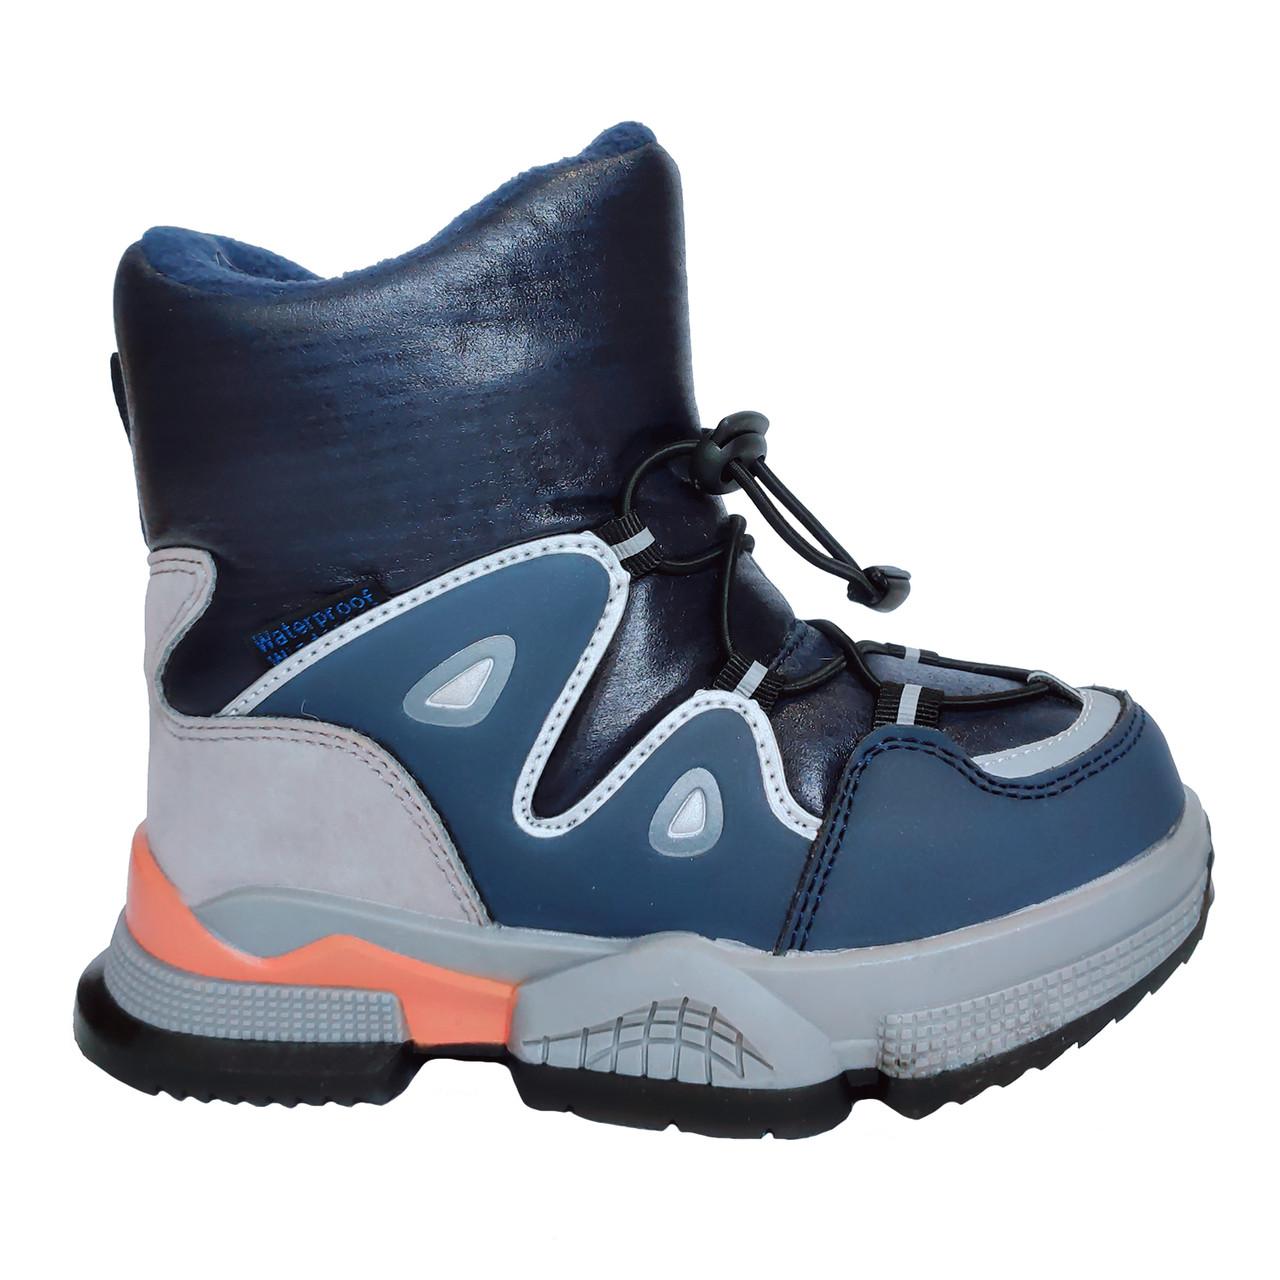 Дутики чоботи сноубутсы зима на хлопчика Тм Tom M, р 29, устілка 18,8 см Теплі зимові чобітки на змійці